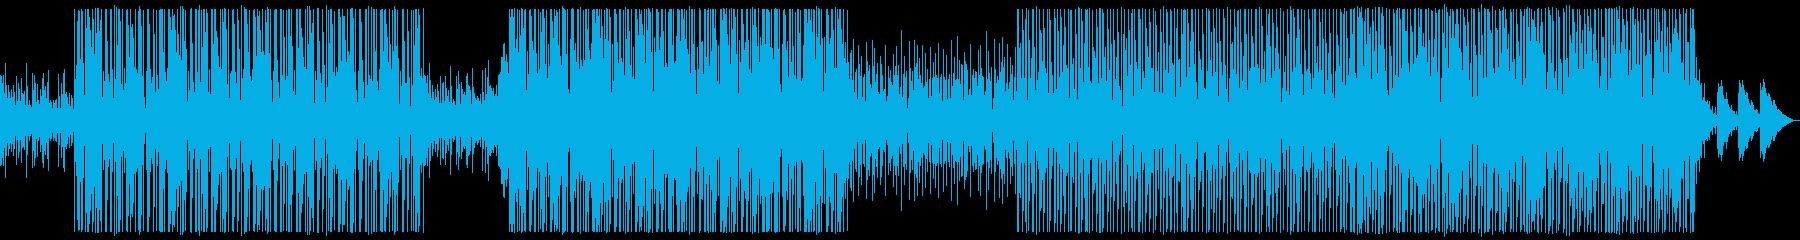 Lo-Fiビート_チル_R&B_Cityの再生済みの波形